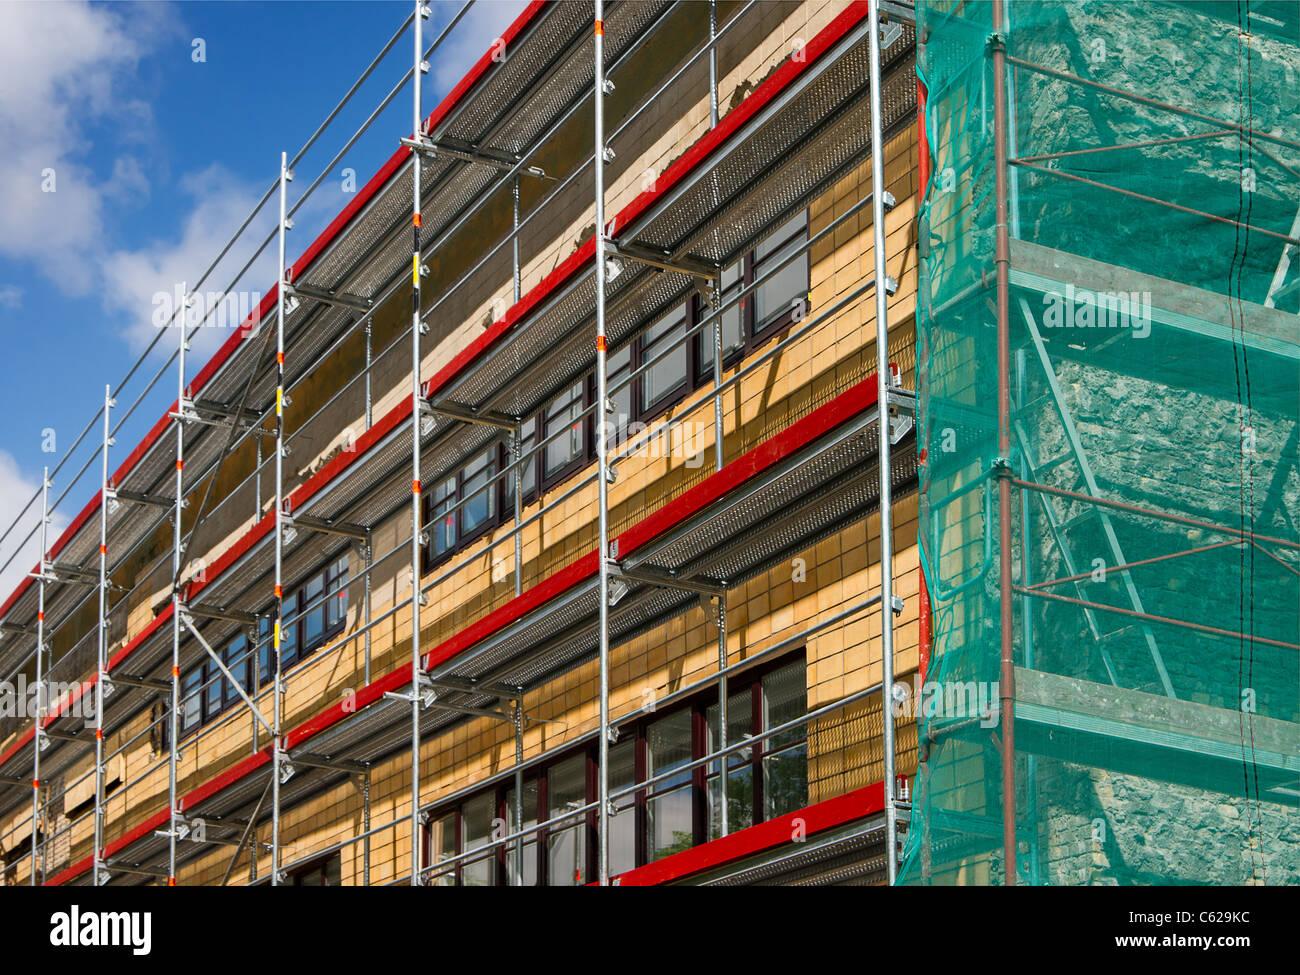 Aus einem anderen Blickwinkel eines Gebäudes mit Gerüst eingeschlossen in grün Sicherheit Stoff Stockbild